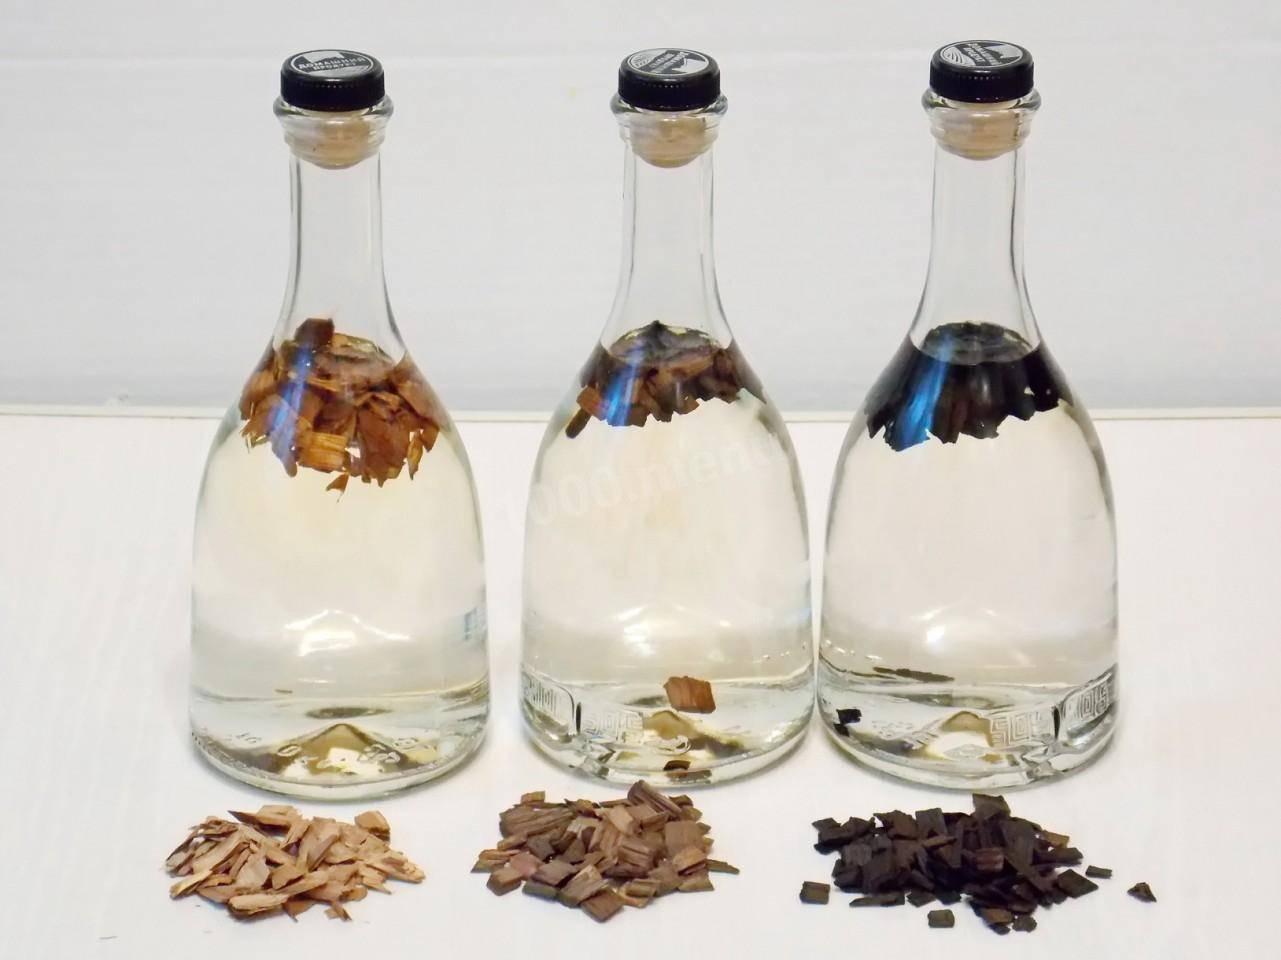 Хорошие виски из самогона на дубовой щепе рецепт с фото - 1000.menu